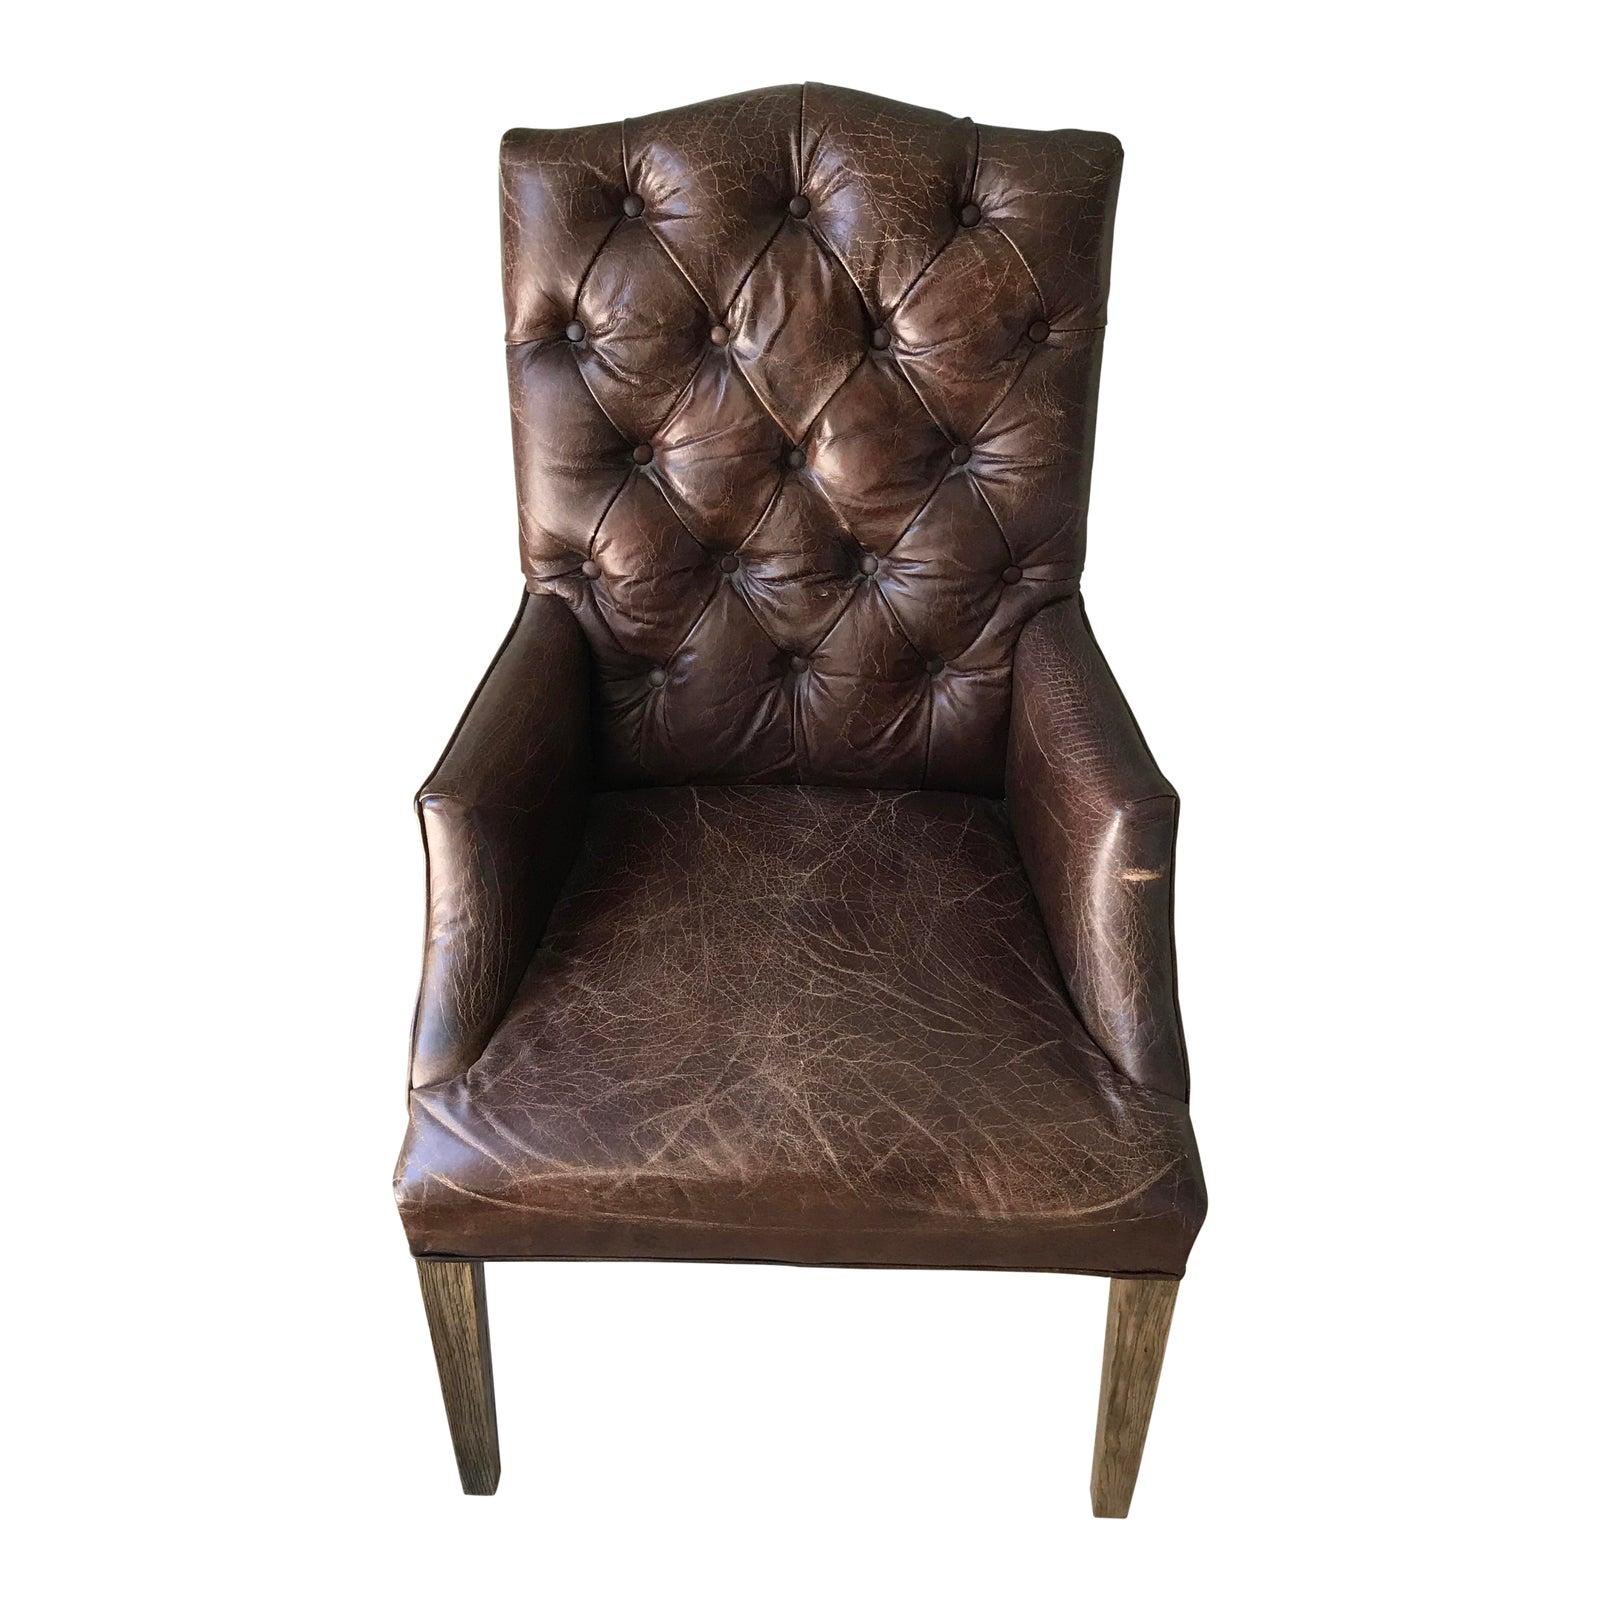 Restoration Hardware Leather Chair: Restoration Hardware Bennett Camelback Leather Arm Chair